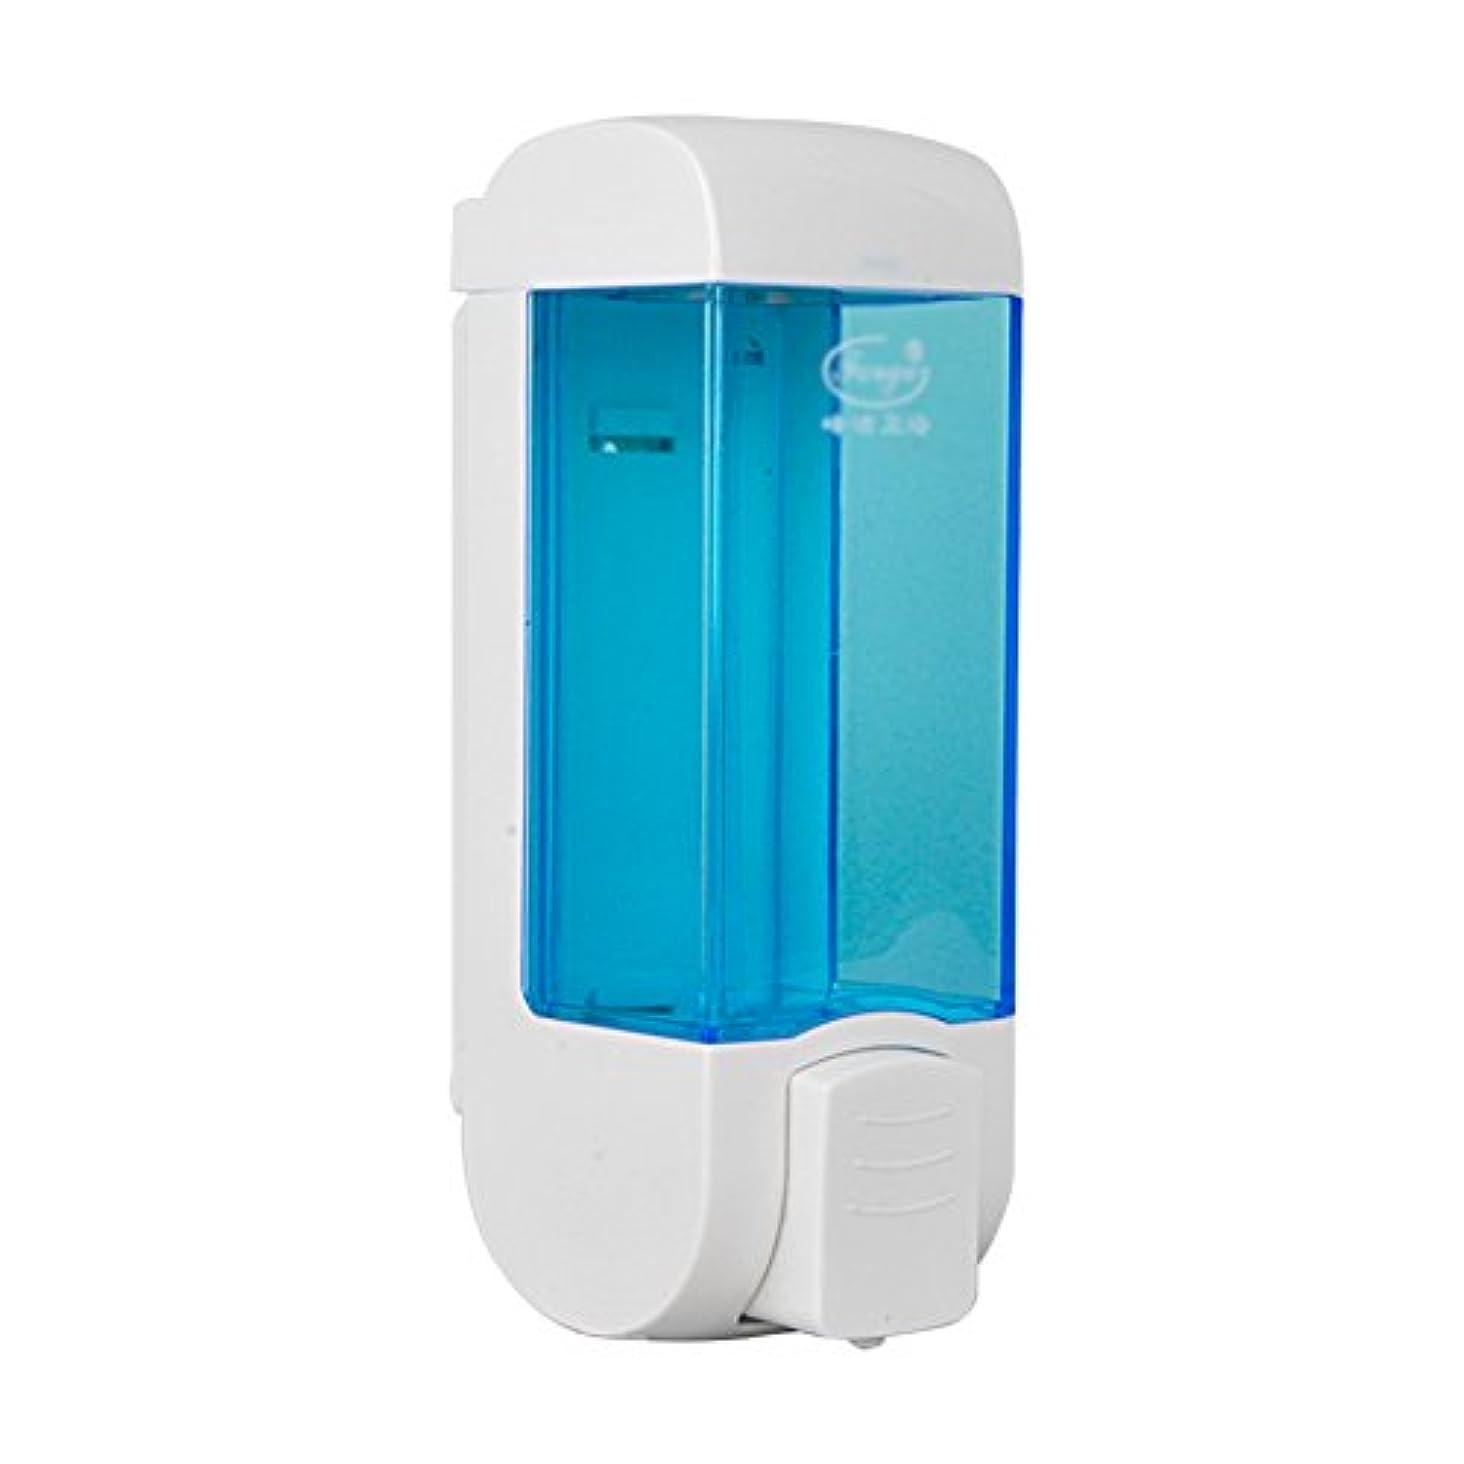 ジュニア競うセラフZEMIN ソープディスペンサー 壁掛け式 石鹸ディスペンサー 帰納的 マニュアル ポンプ 2頭 シャンプー 液体 石鹸 クリーン、 プラスチック、 青、 300ML (色 : 1)